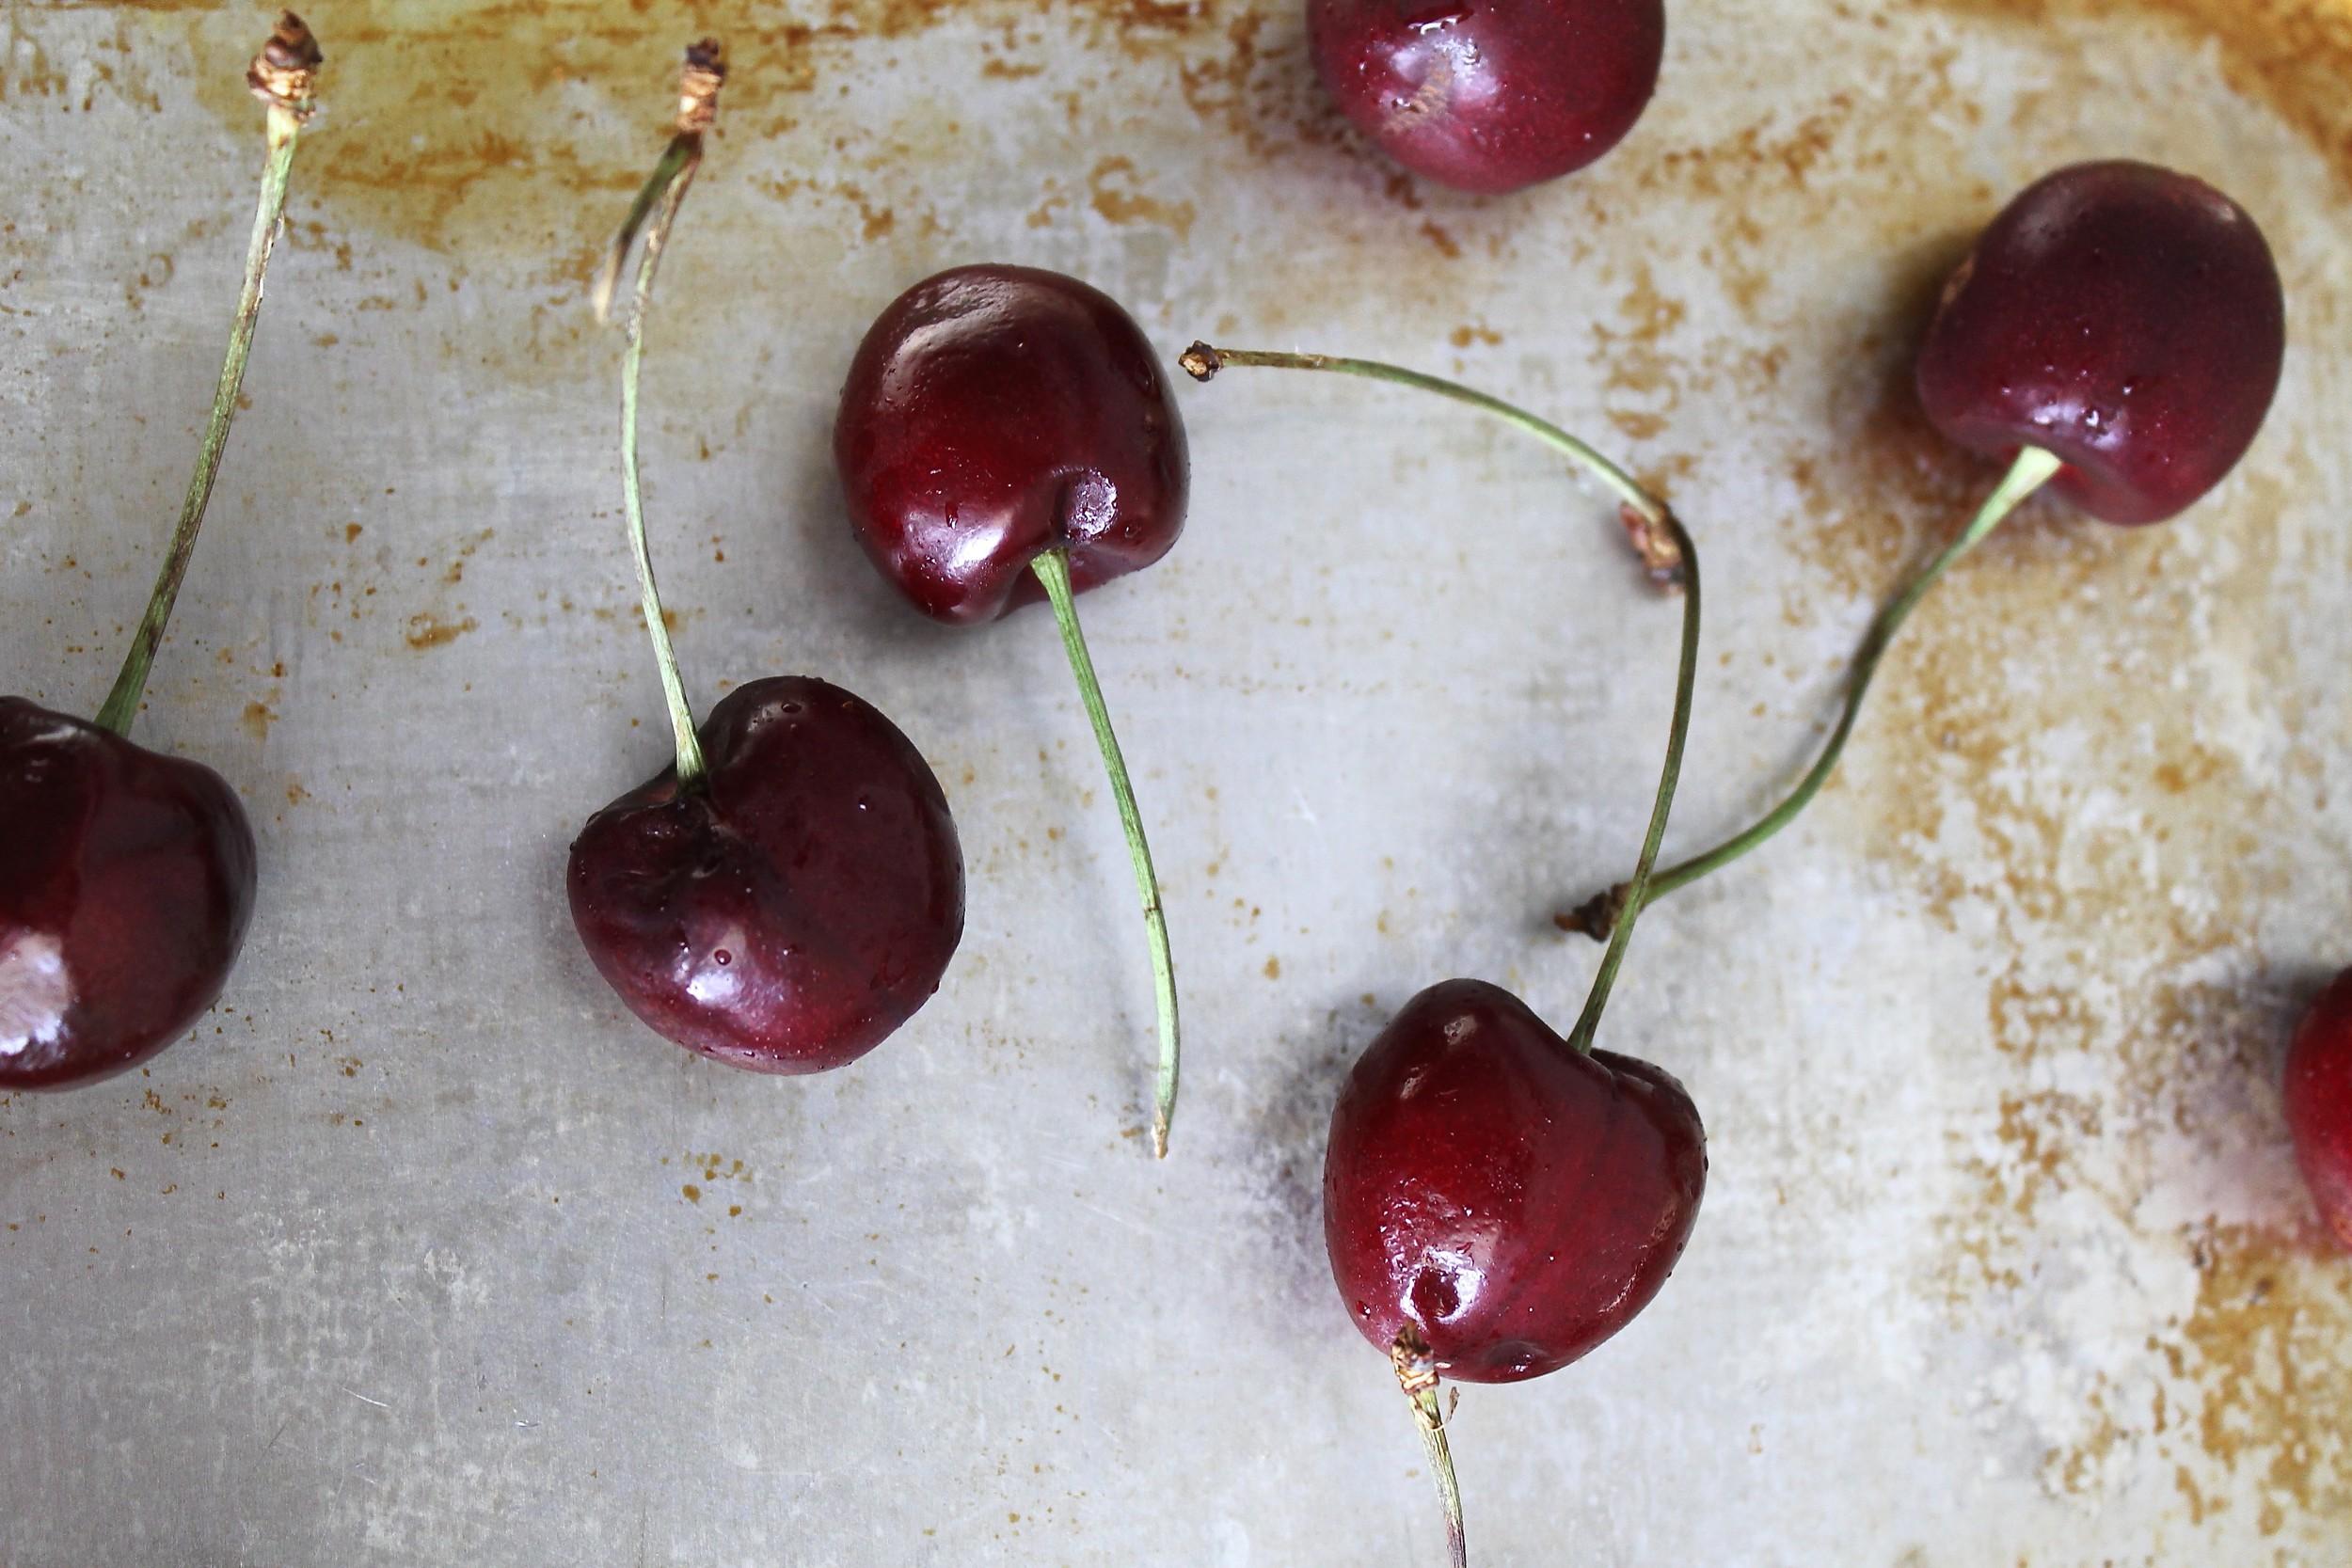 Cherry-pie-5-e1436304869675.jpg